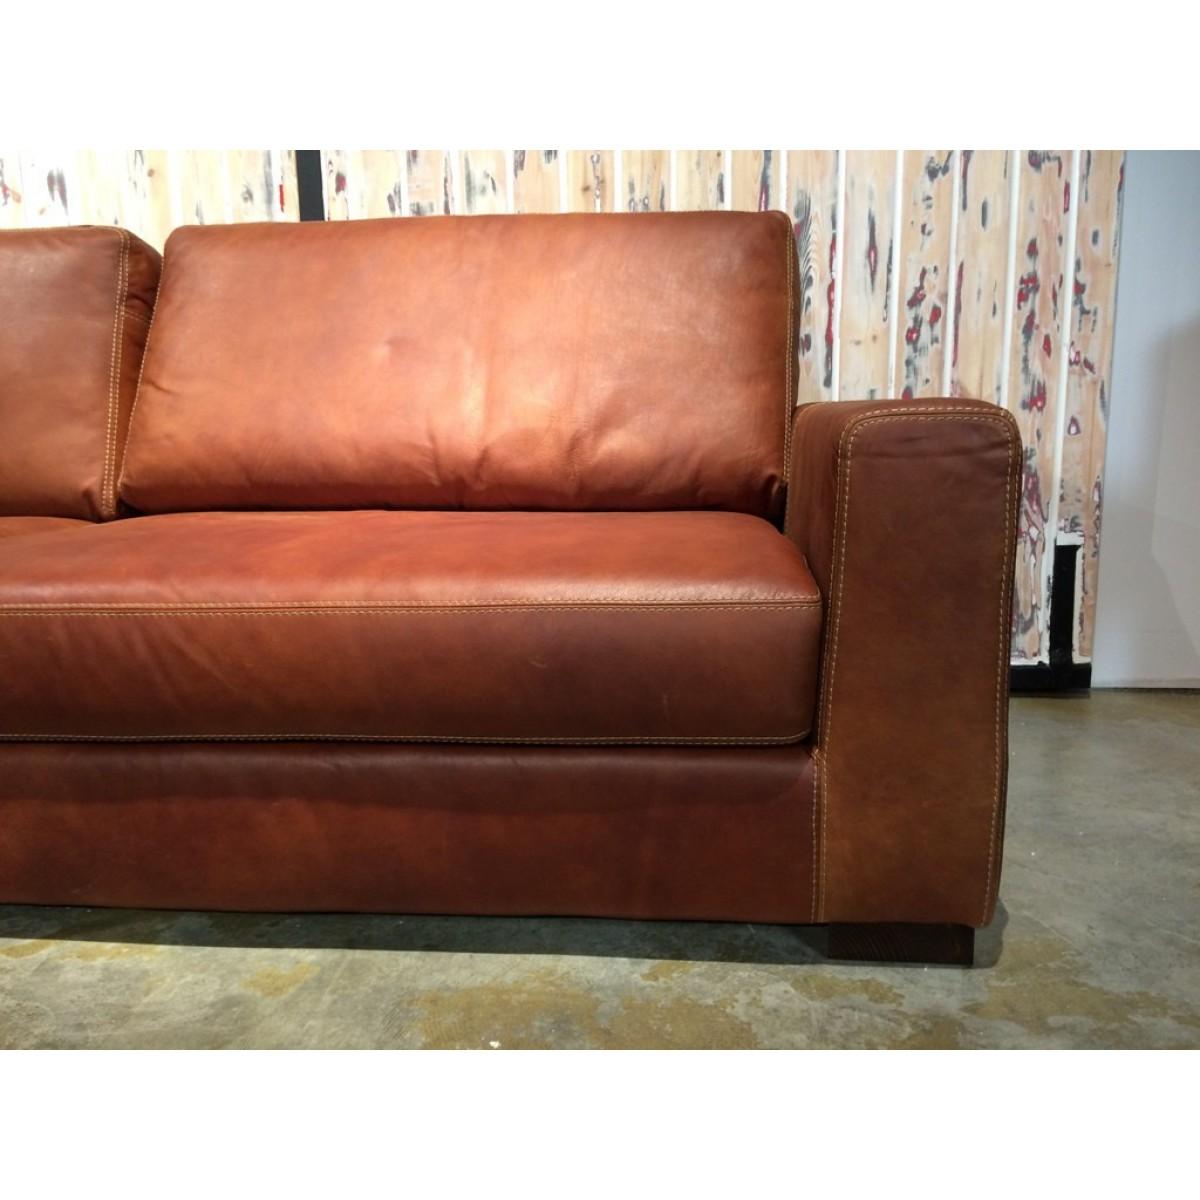 kentucky-leder-sofa-leer-bank-het-anker-shatterhand-arm